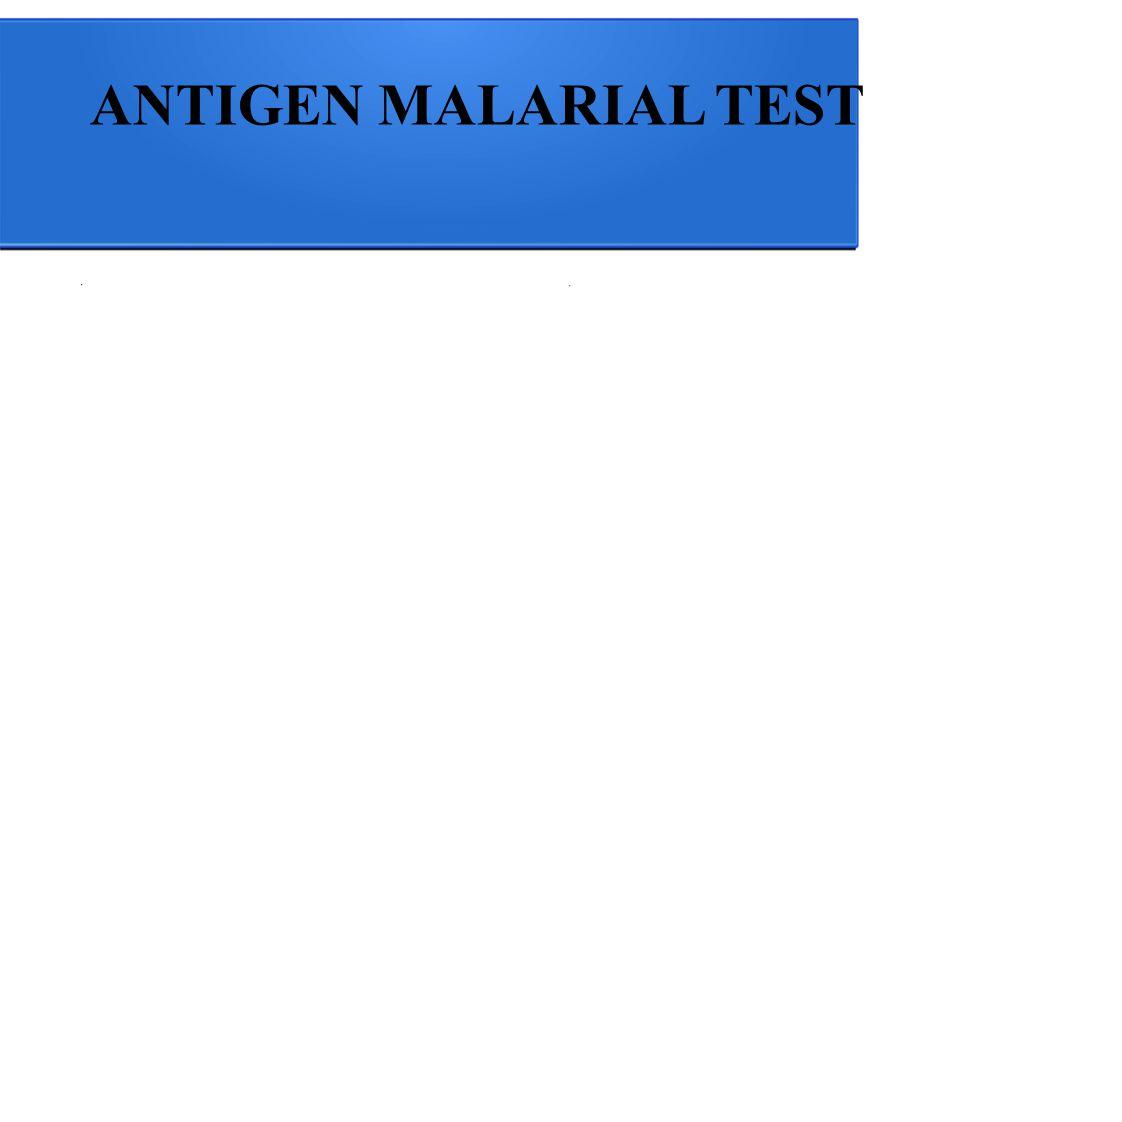 ANTIGEN MALARIAL TEST